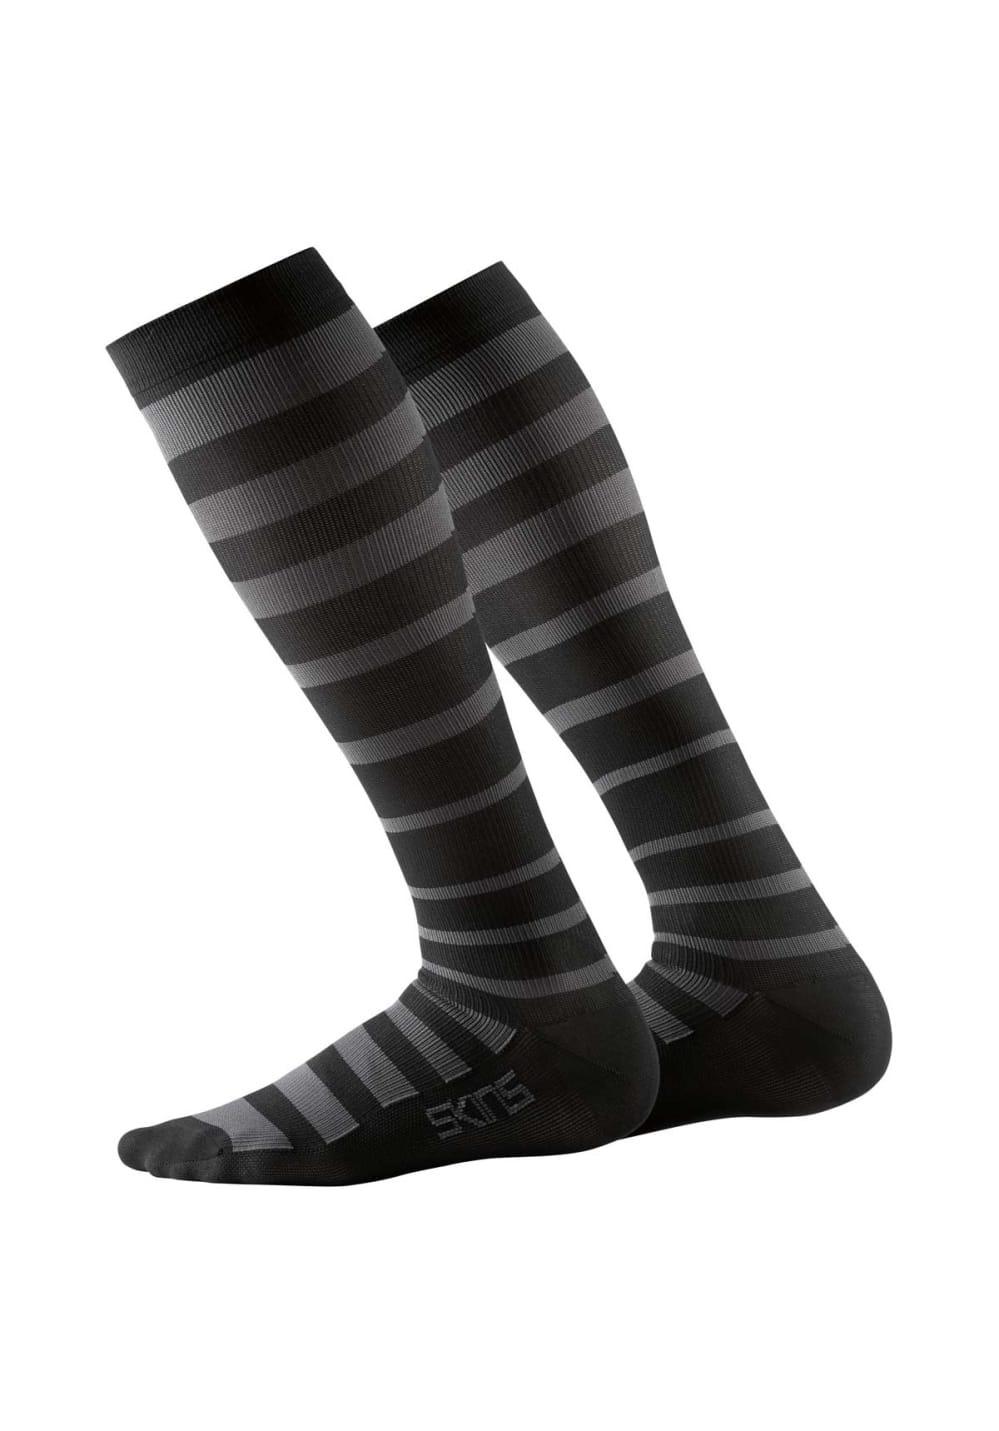 Skins Recovery Compression Socks - Laufsocken für Herren - Schwarz, Gr. XL